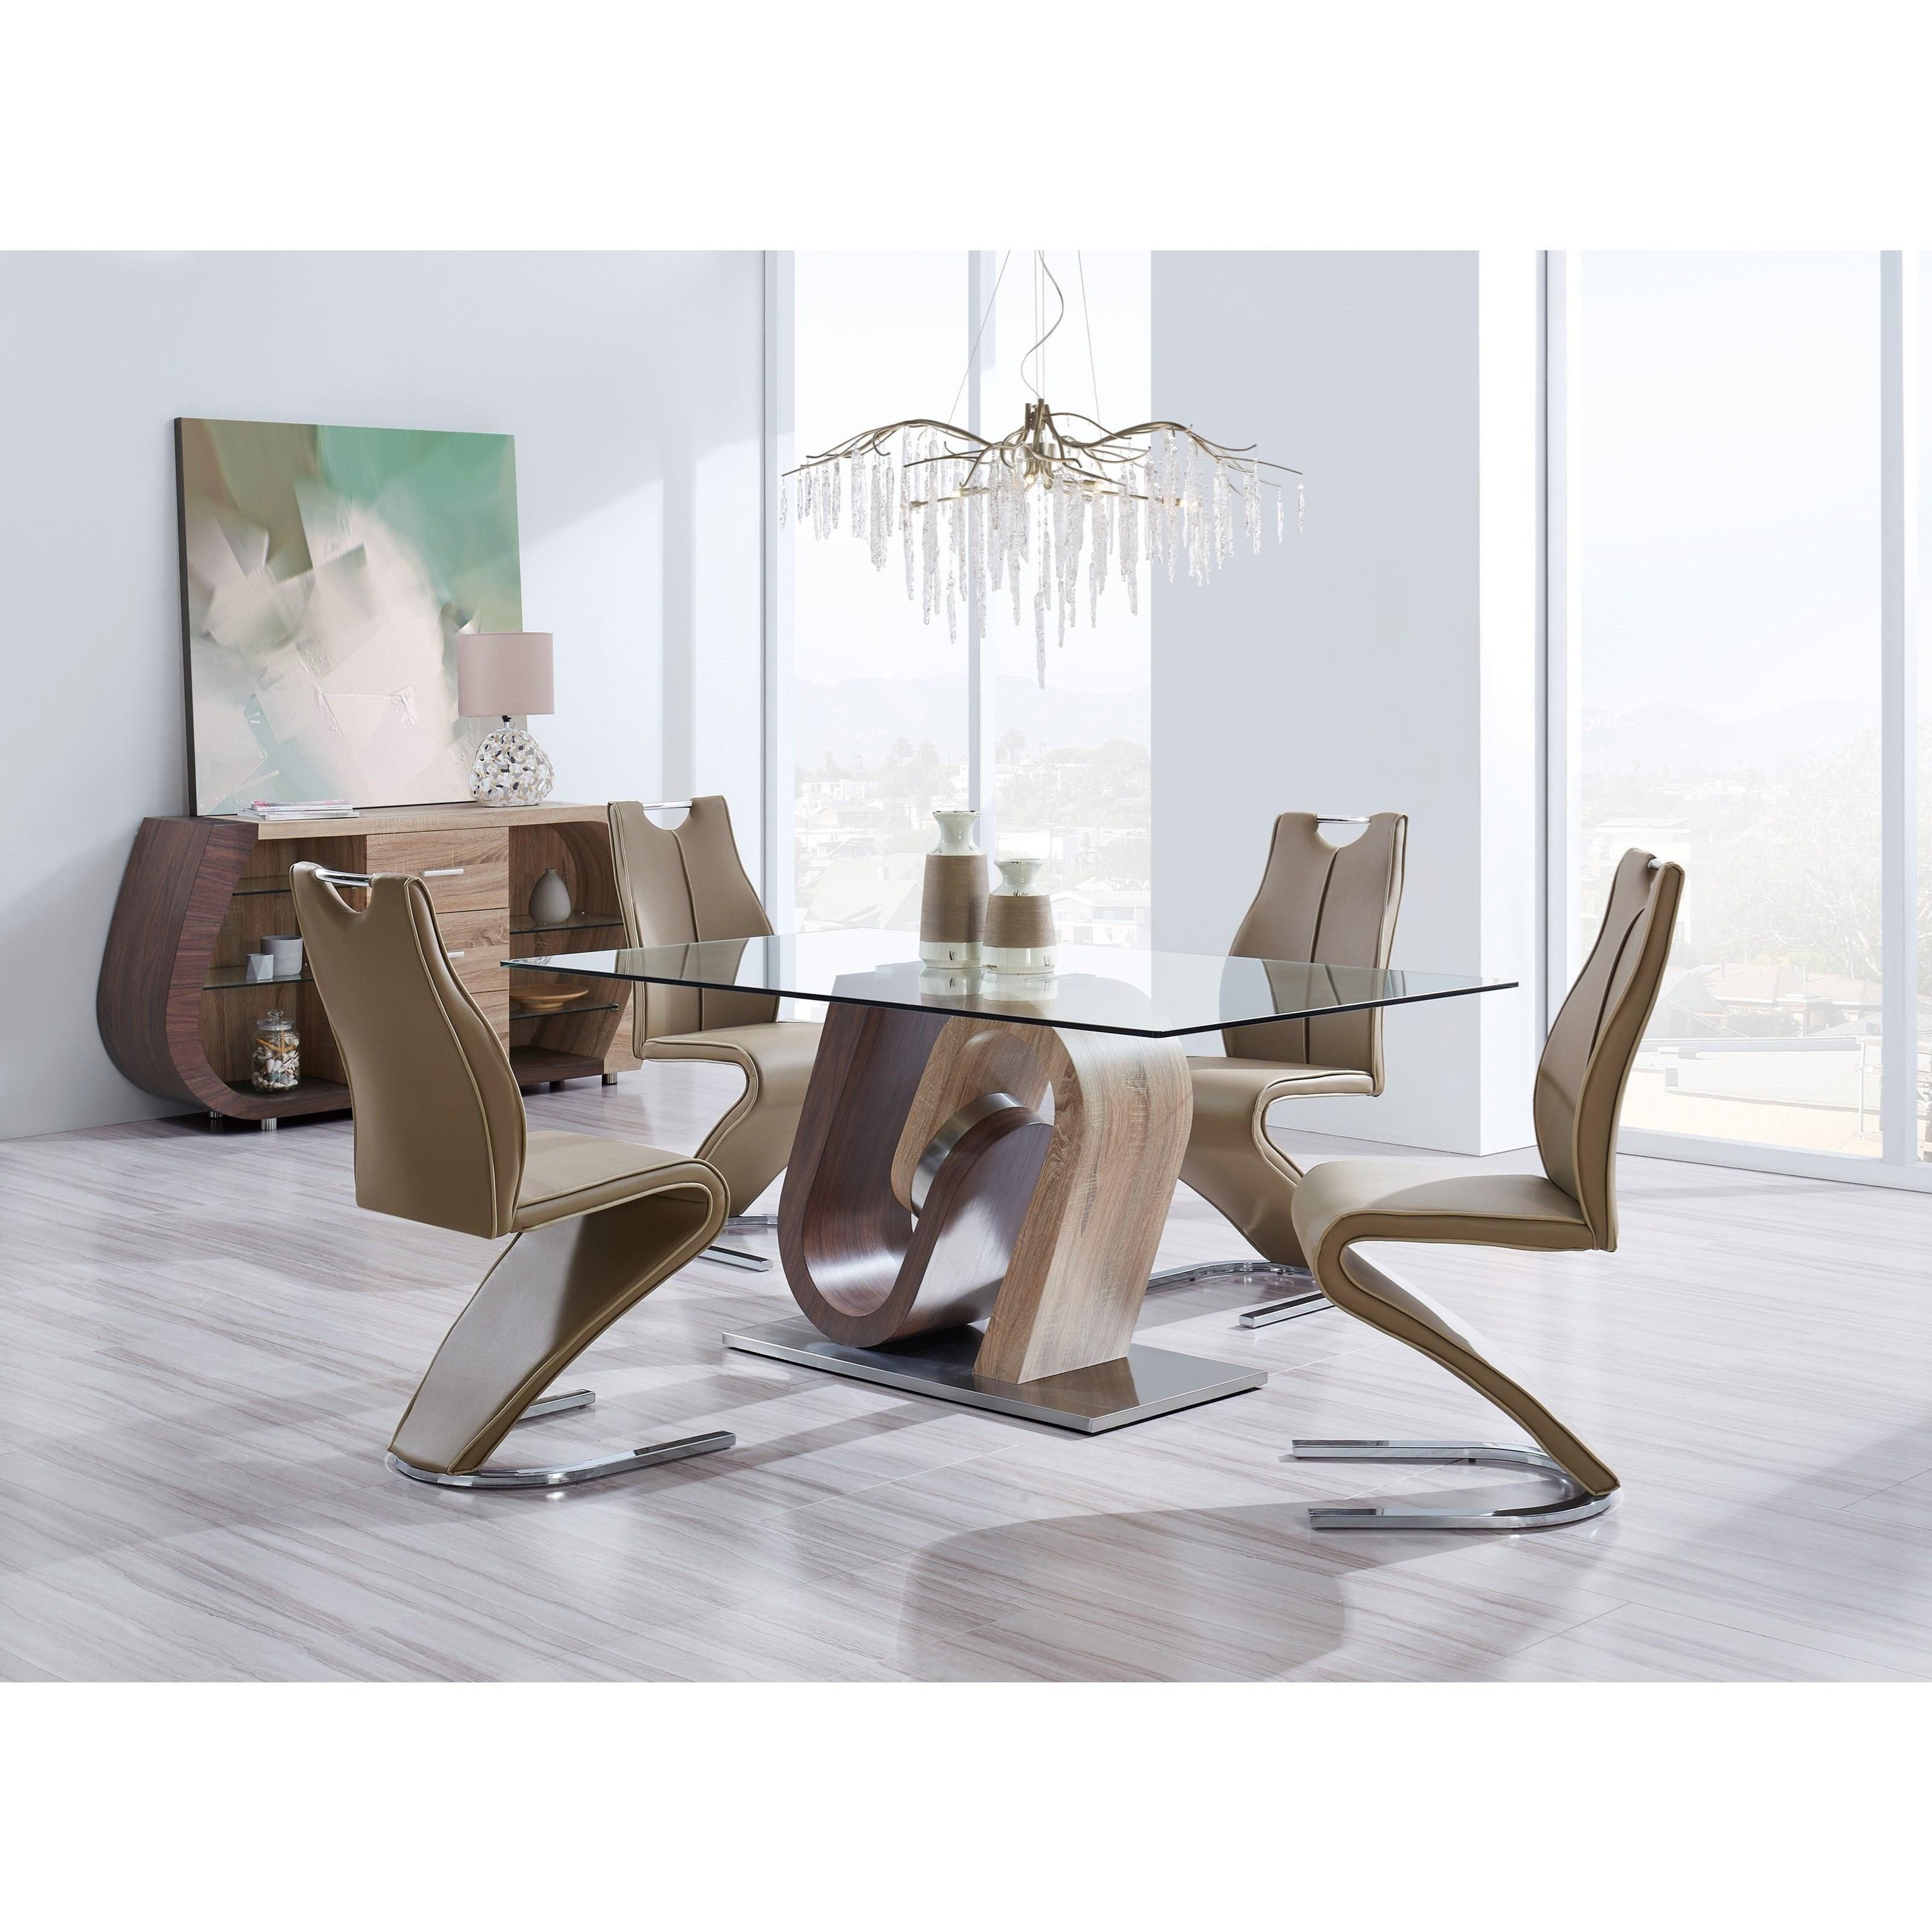 Global Furniture D4126 D4126N-BUFFET Ultra-Modern 3 Drawer